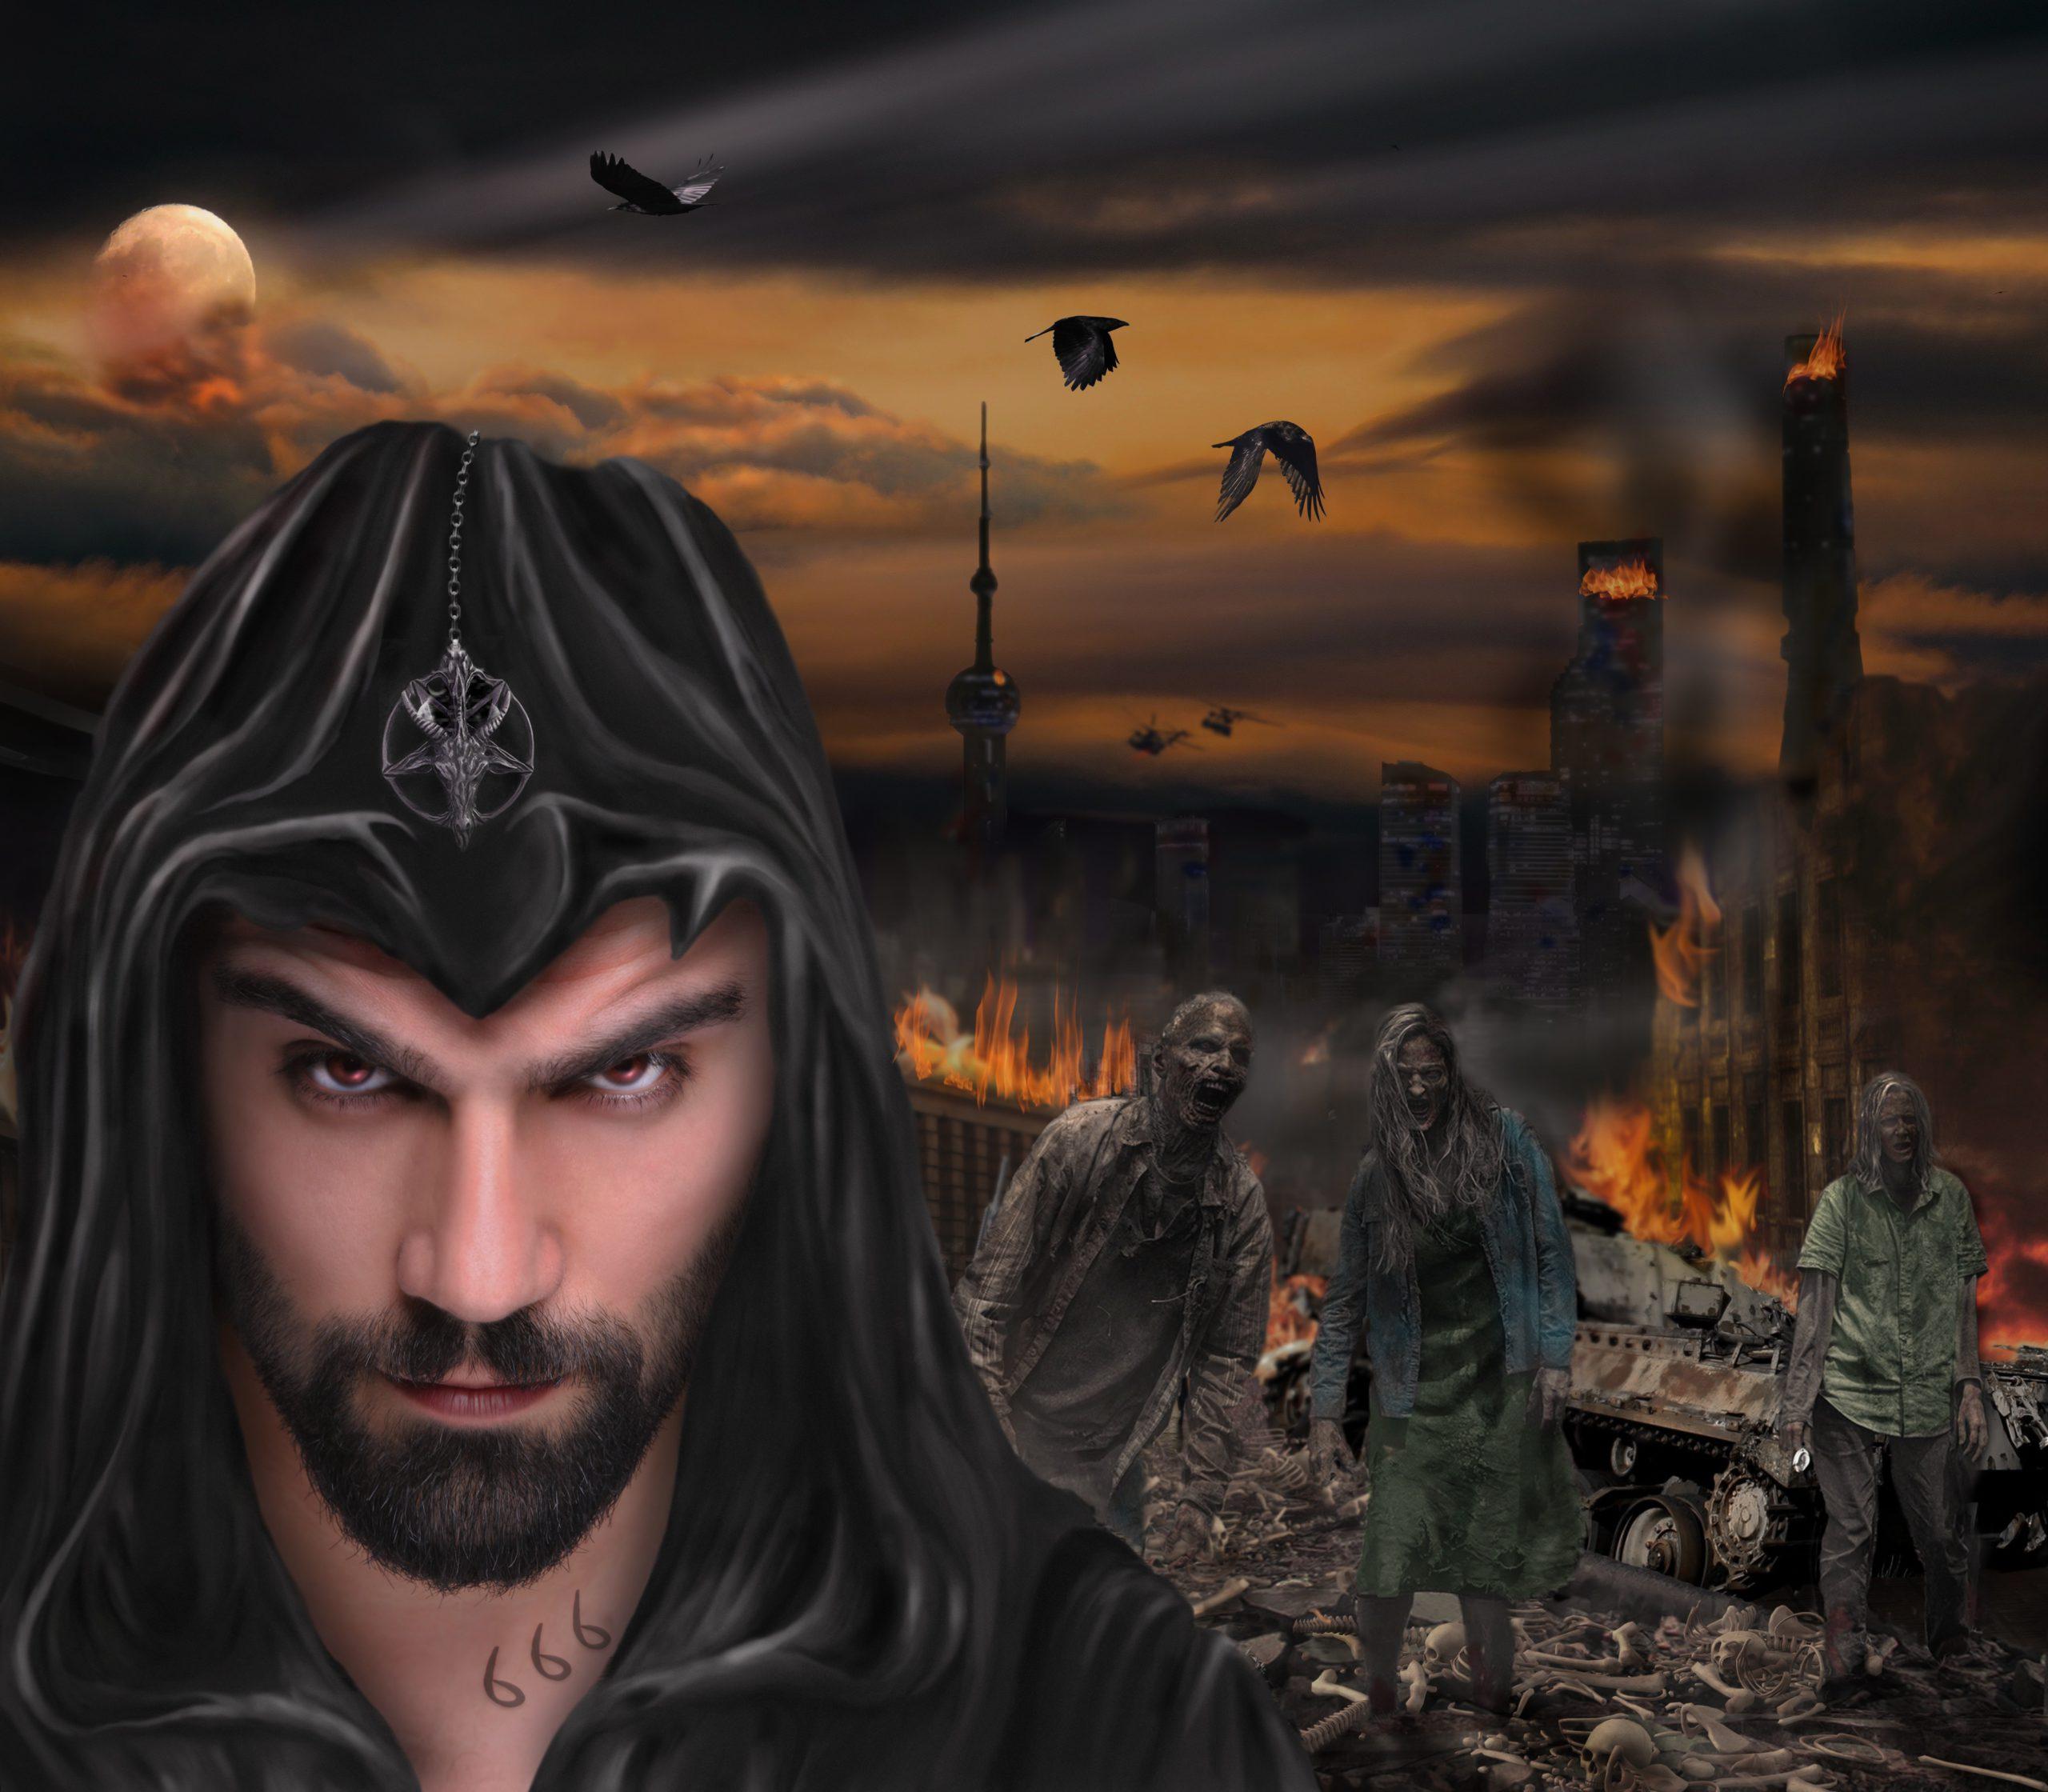 satan, fantasy, death